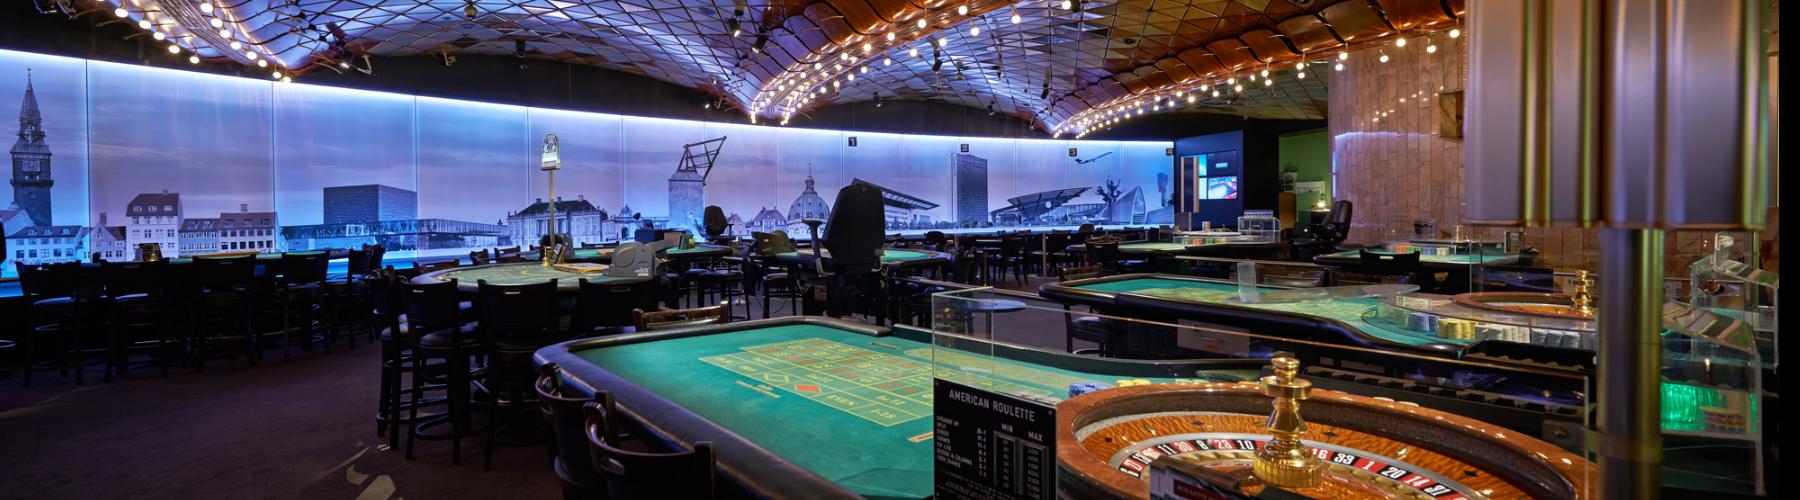 Casino Copenhagen cover image